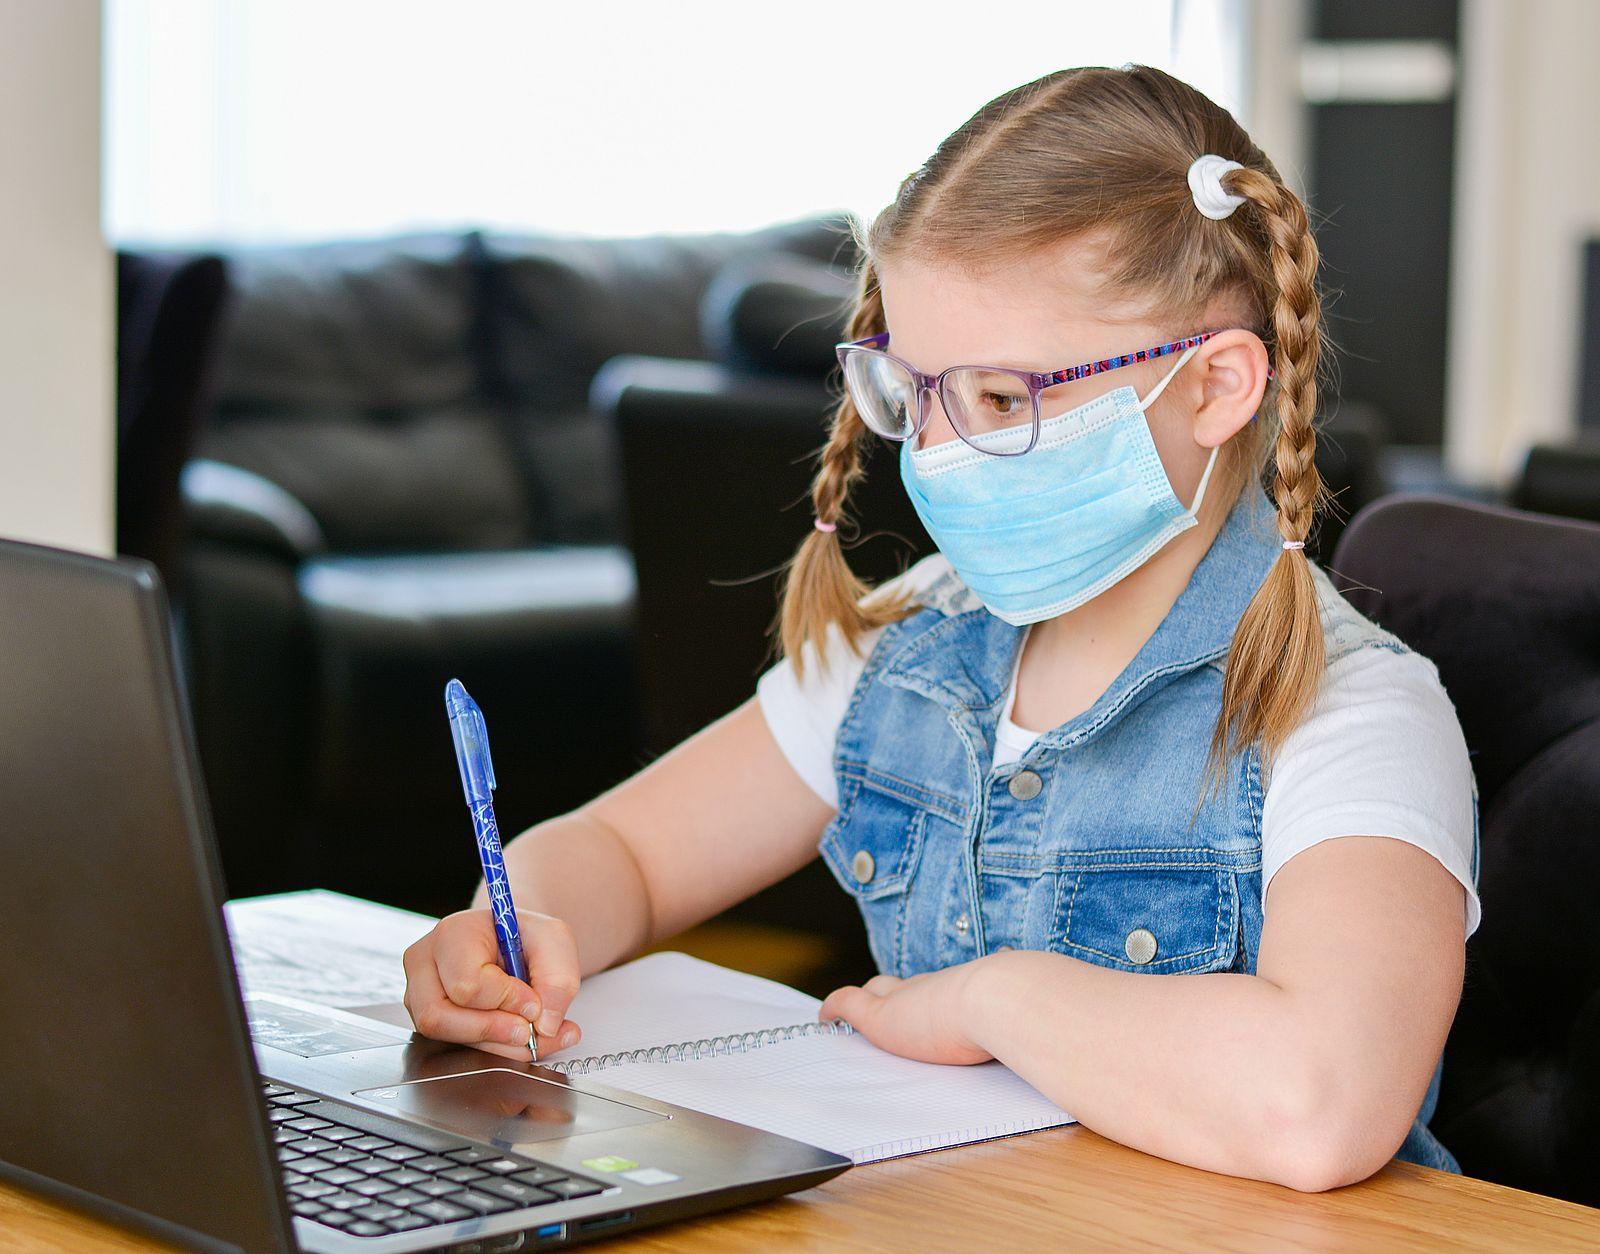 Czy w Pleszewie dzieci wrócą do szkół? Czy będzie nauka hybrydowa od 1 września? - Zdjęcie główne